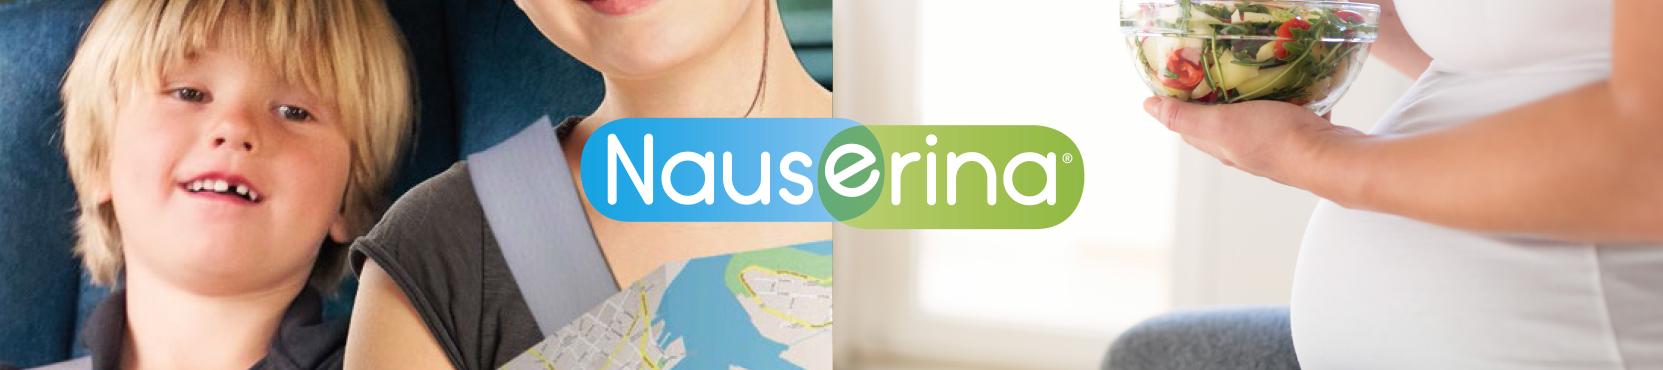 Slider Nauserina viajes y embarazos